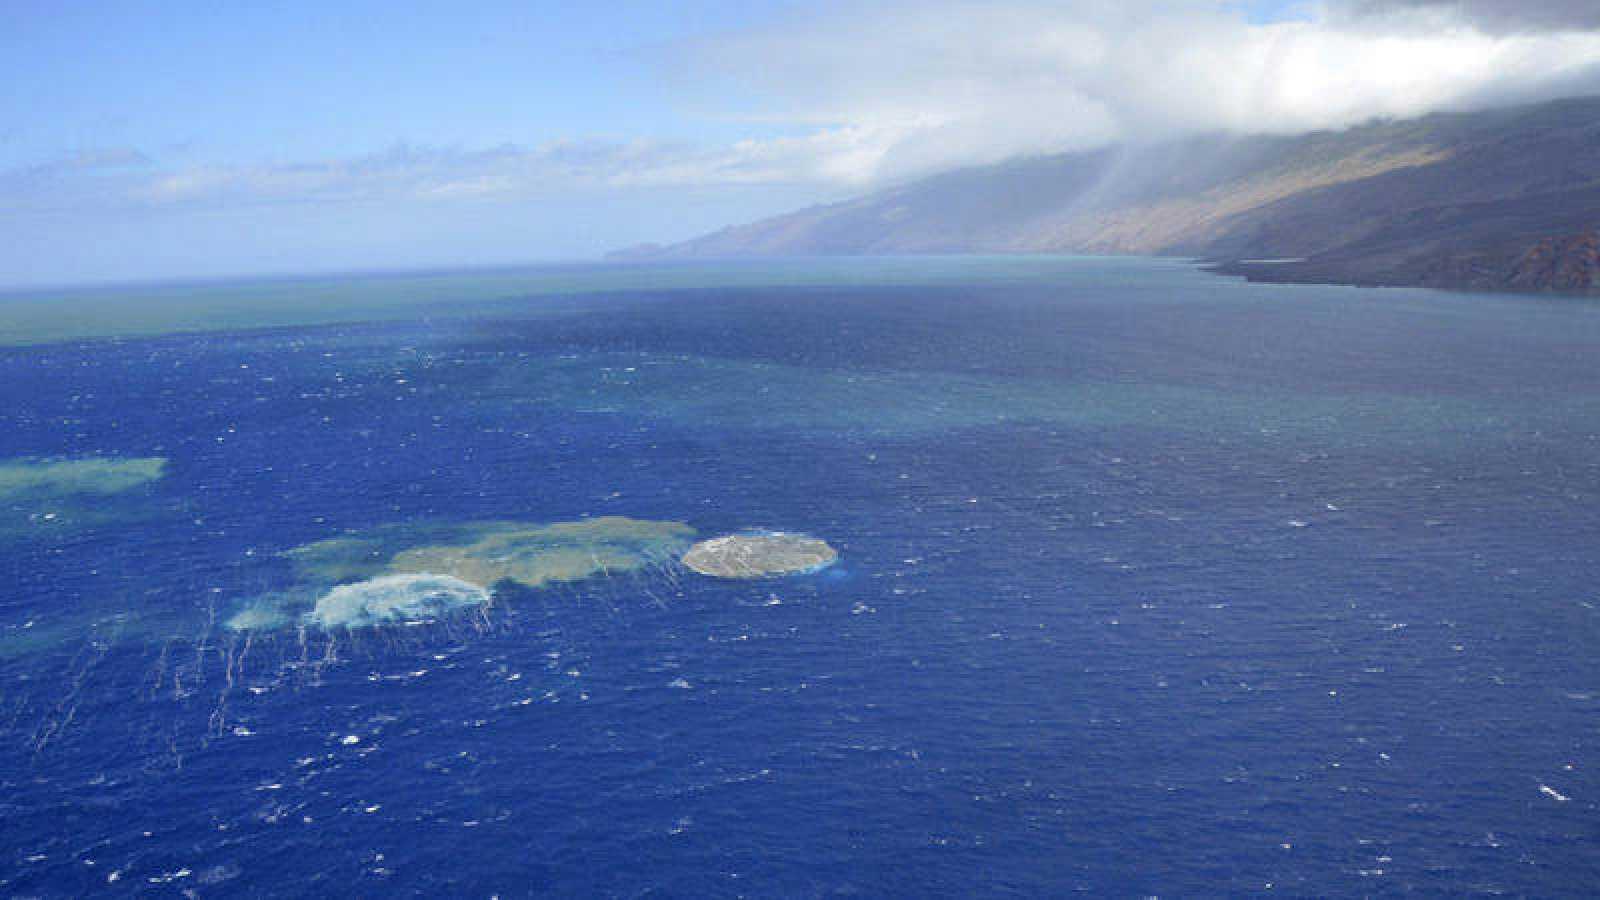 La última erupción de El Hierro supuso el nacimiento del volcán Tagoro.